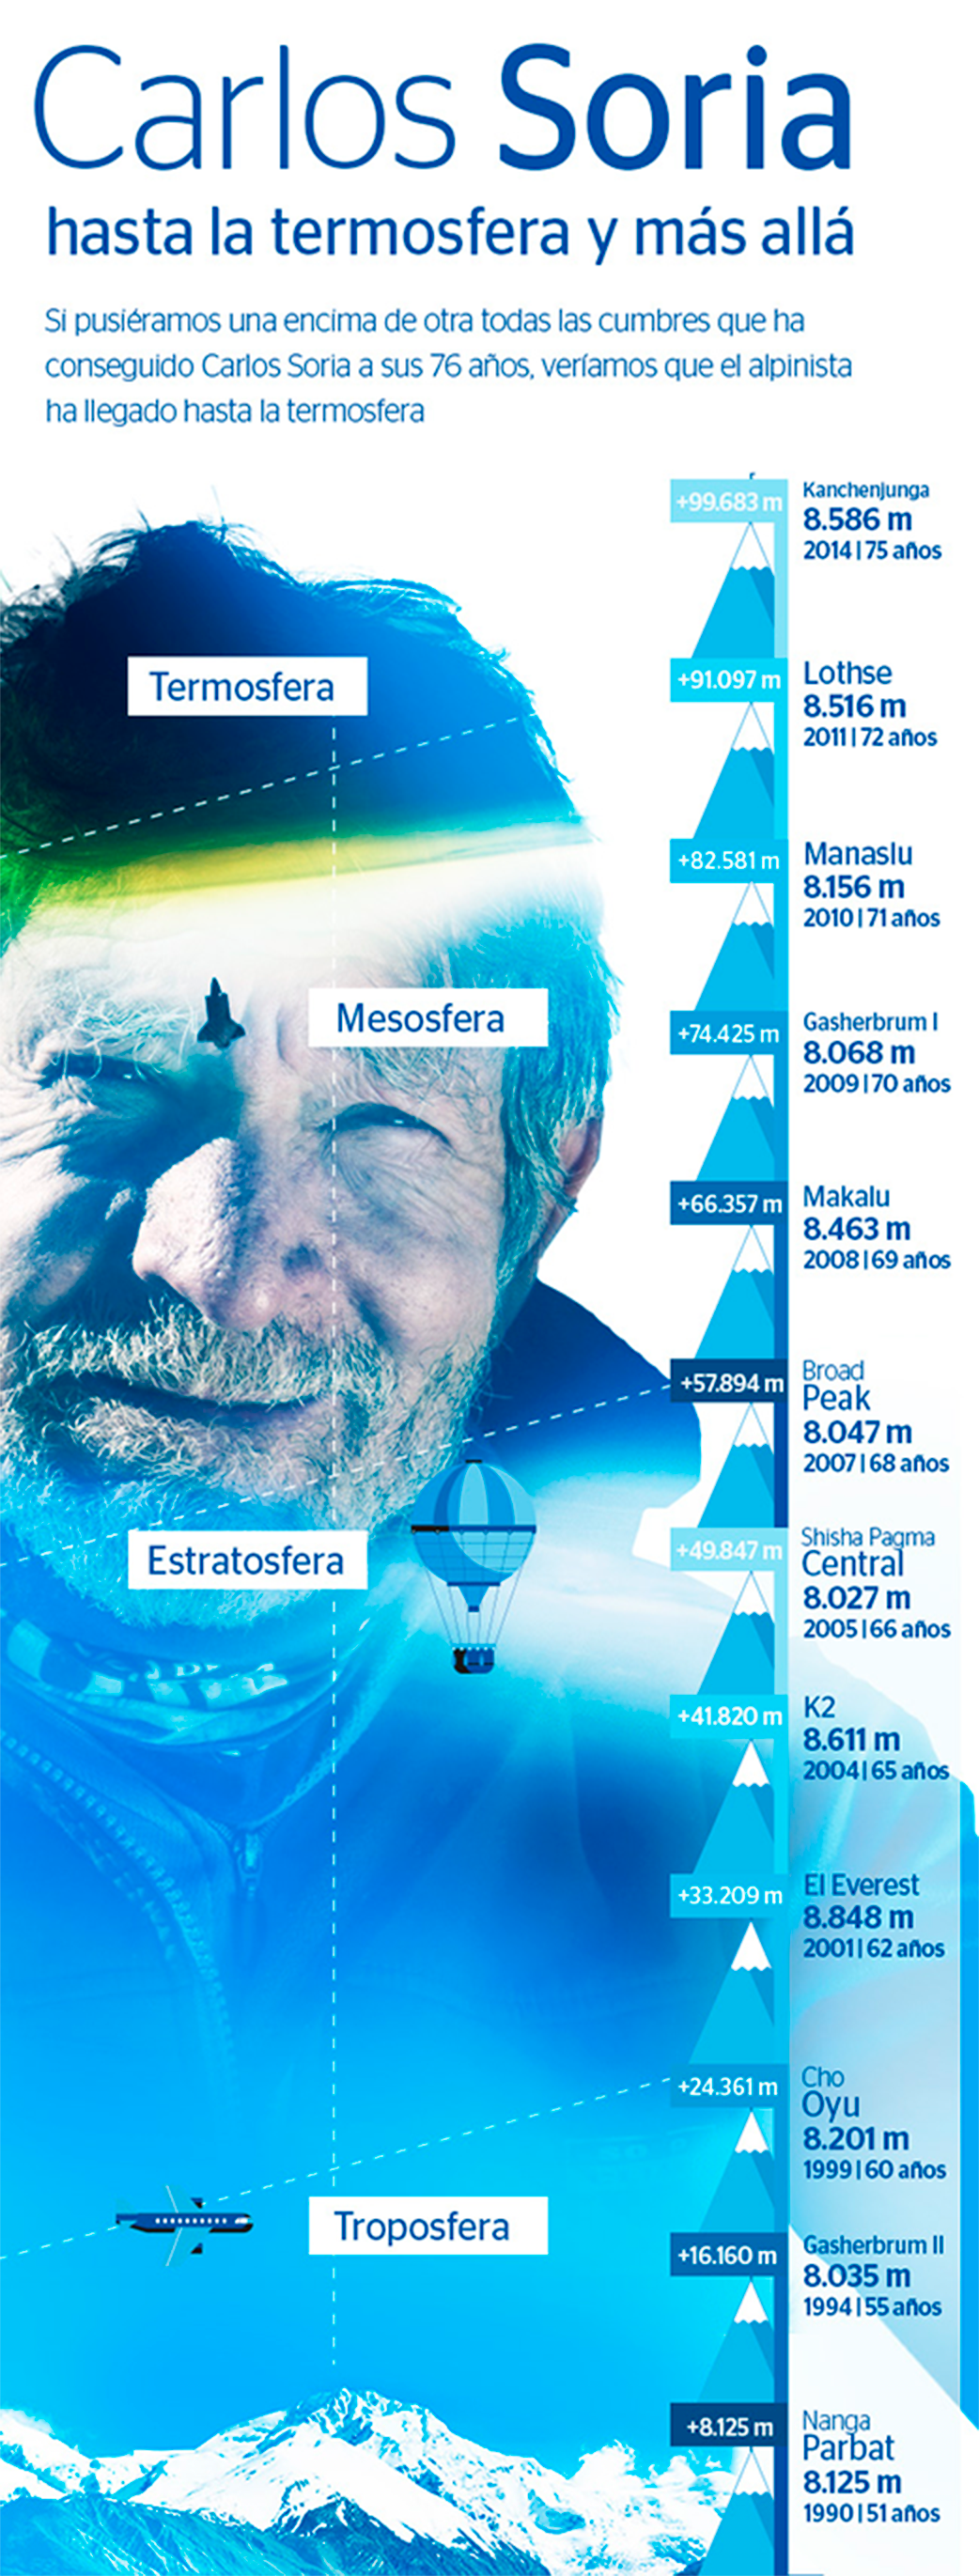 Yo Subo con Carlos Soria: Infographic